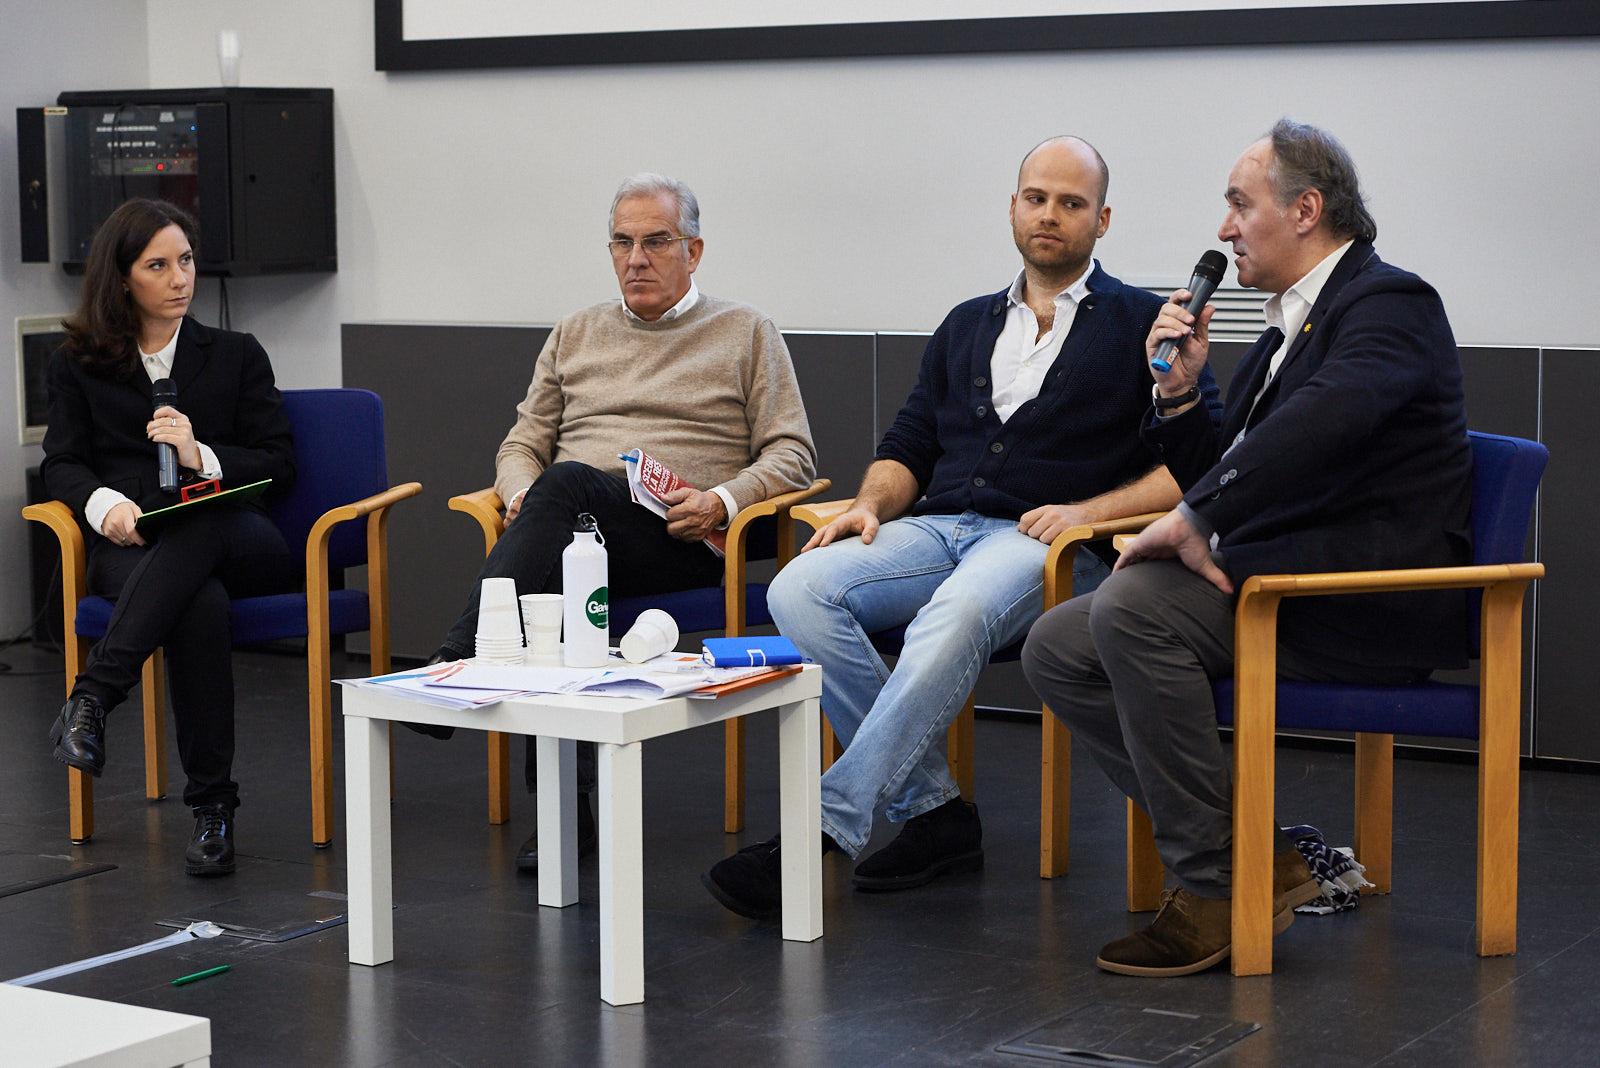 """Massimiliano Castellani, journalist and author of the book """"Un calcio al razzismo. 20 lezioni contro l'odio"""" (Giuntina)"""